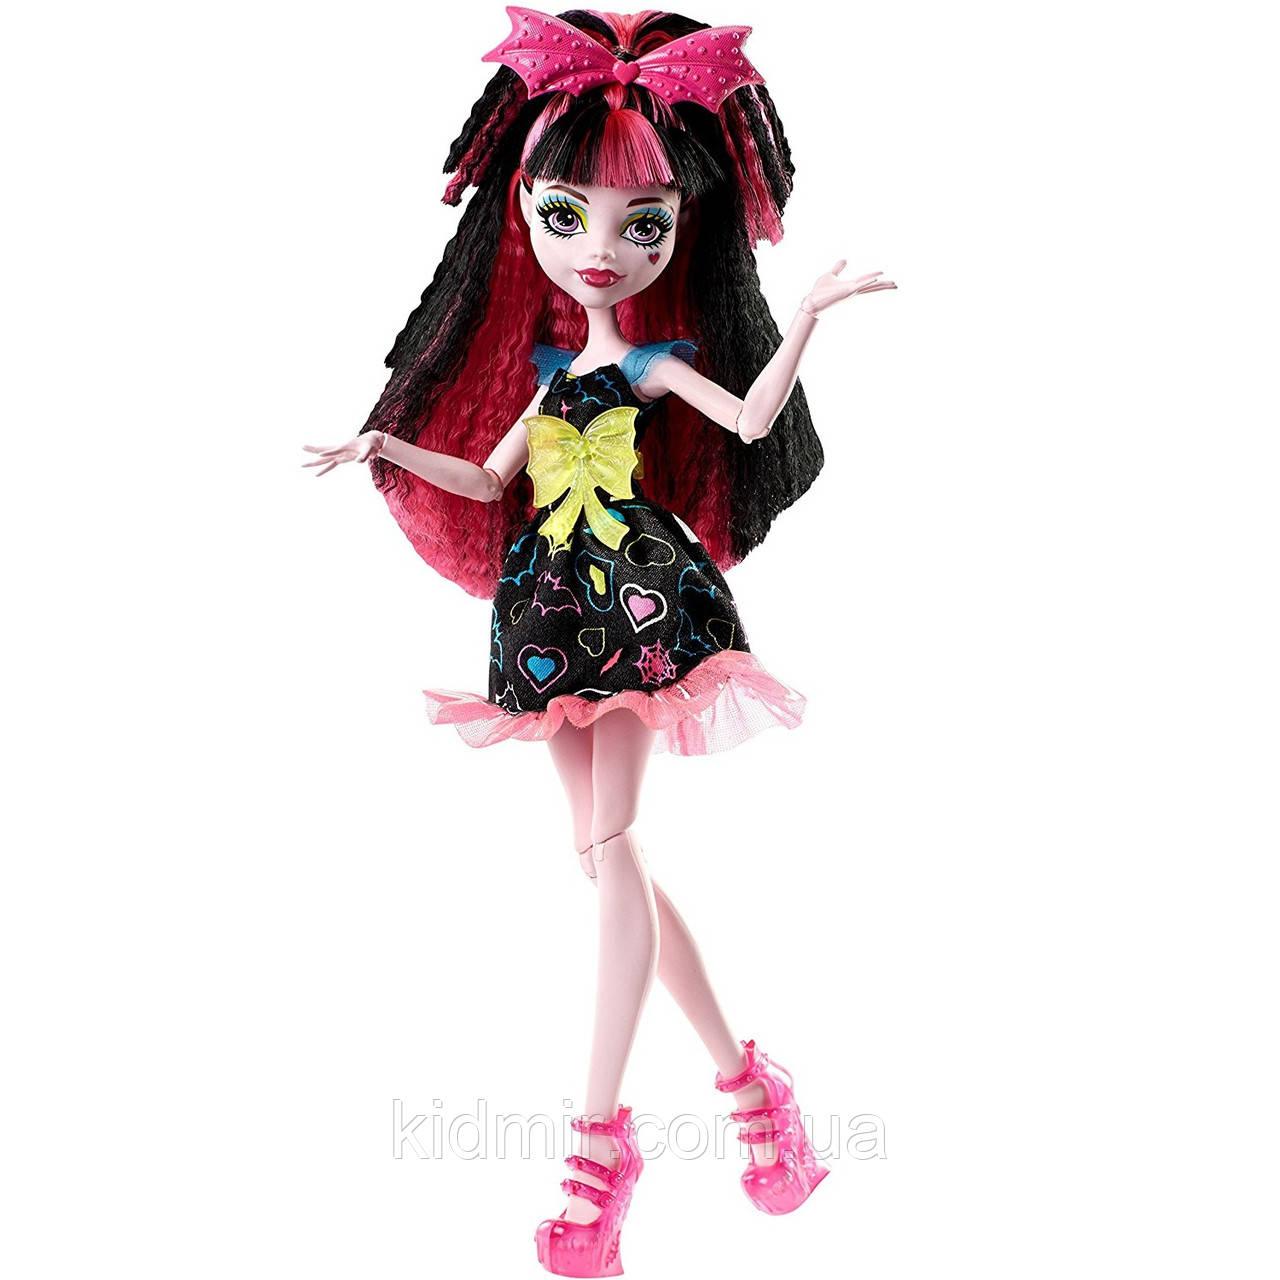 Кукла Monster High Дракулаура (Draculaura) из серии Electrified Монстр Хай